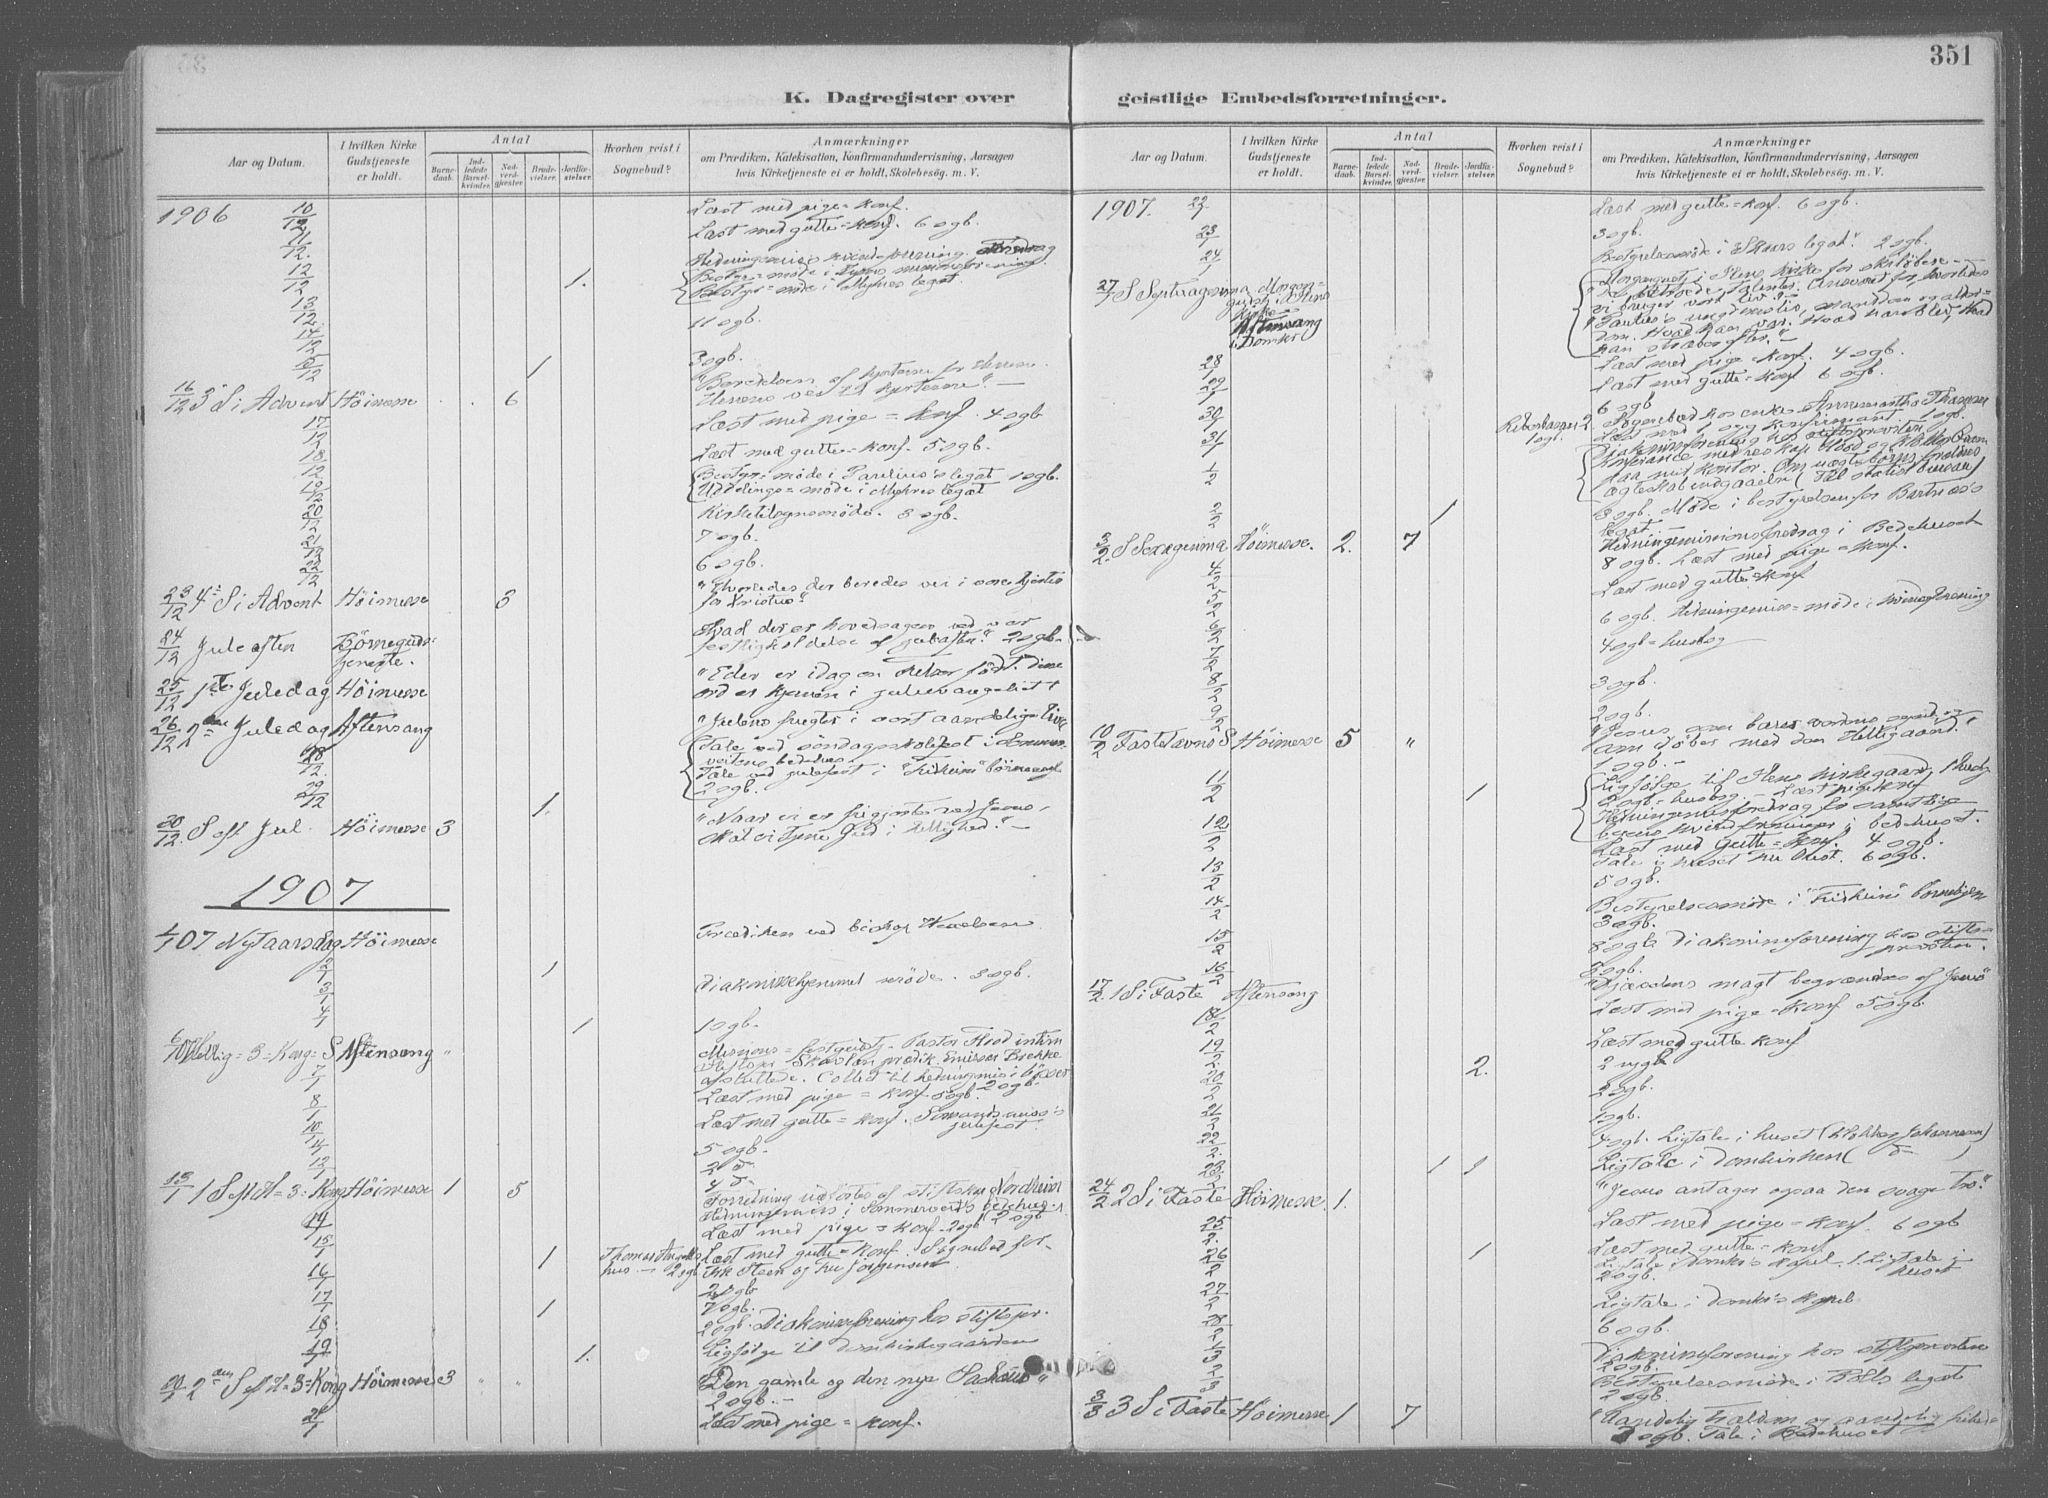 SAT, Ministerialprotokoller, klokkerbøker og fødselsregistre - Sør-Trøndelag, 601/L0064: Ministerialbok nr. 601A31, 1891-1911, s. 351